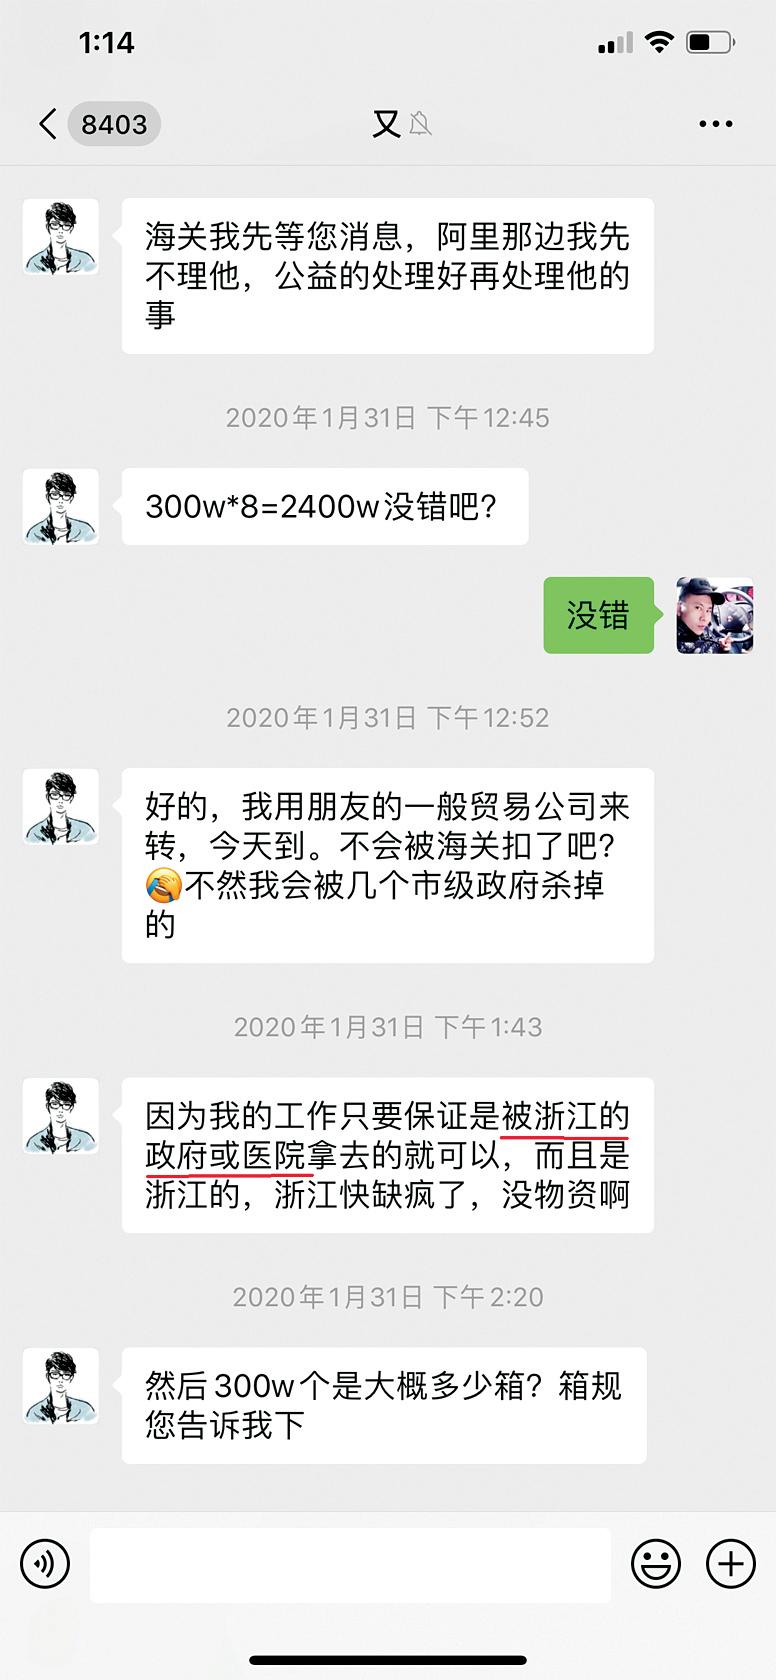 中共白手套與姜朋勇(頭像為戴帽男子)的聊天紀錄顯示,他們在替中共政府搶購口罩。(大紀元)